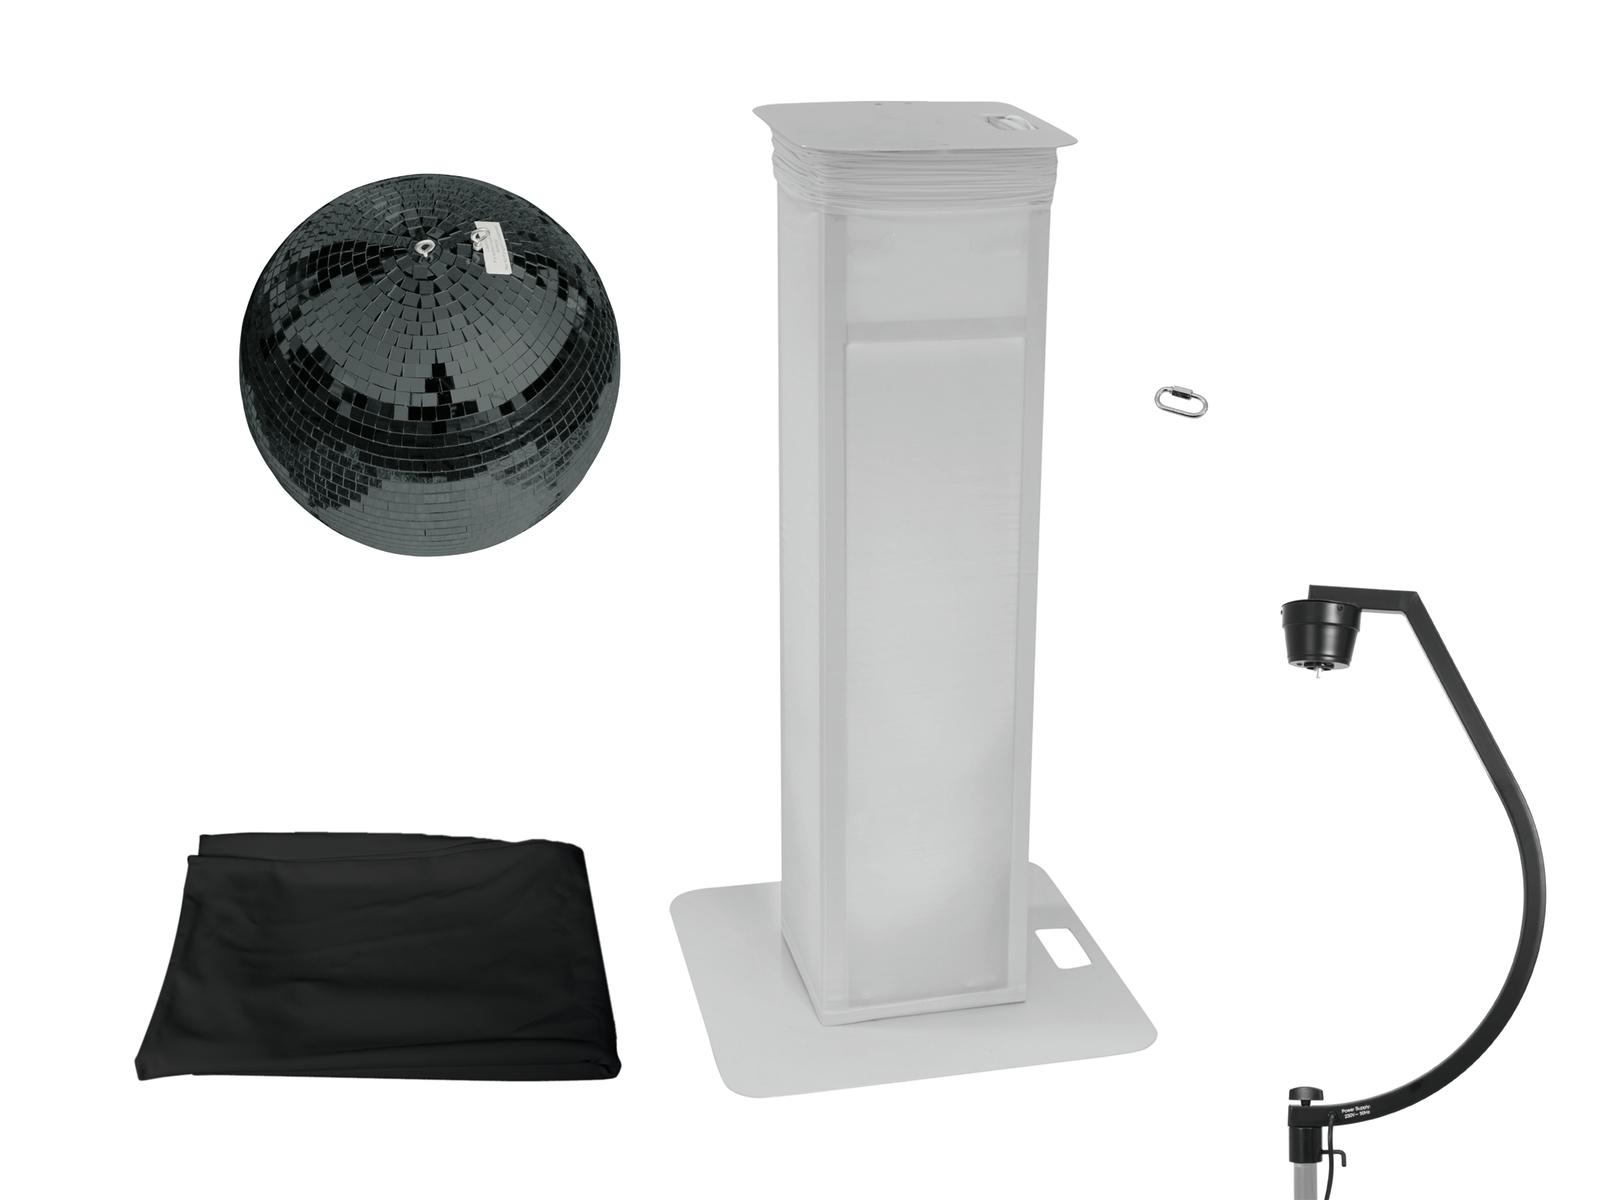 EUROLITE Set Spiegelkugel 50cm schwarz mit Stage Stand variabel + Cover schwarz